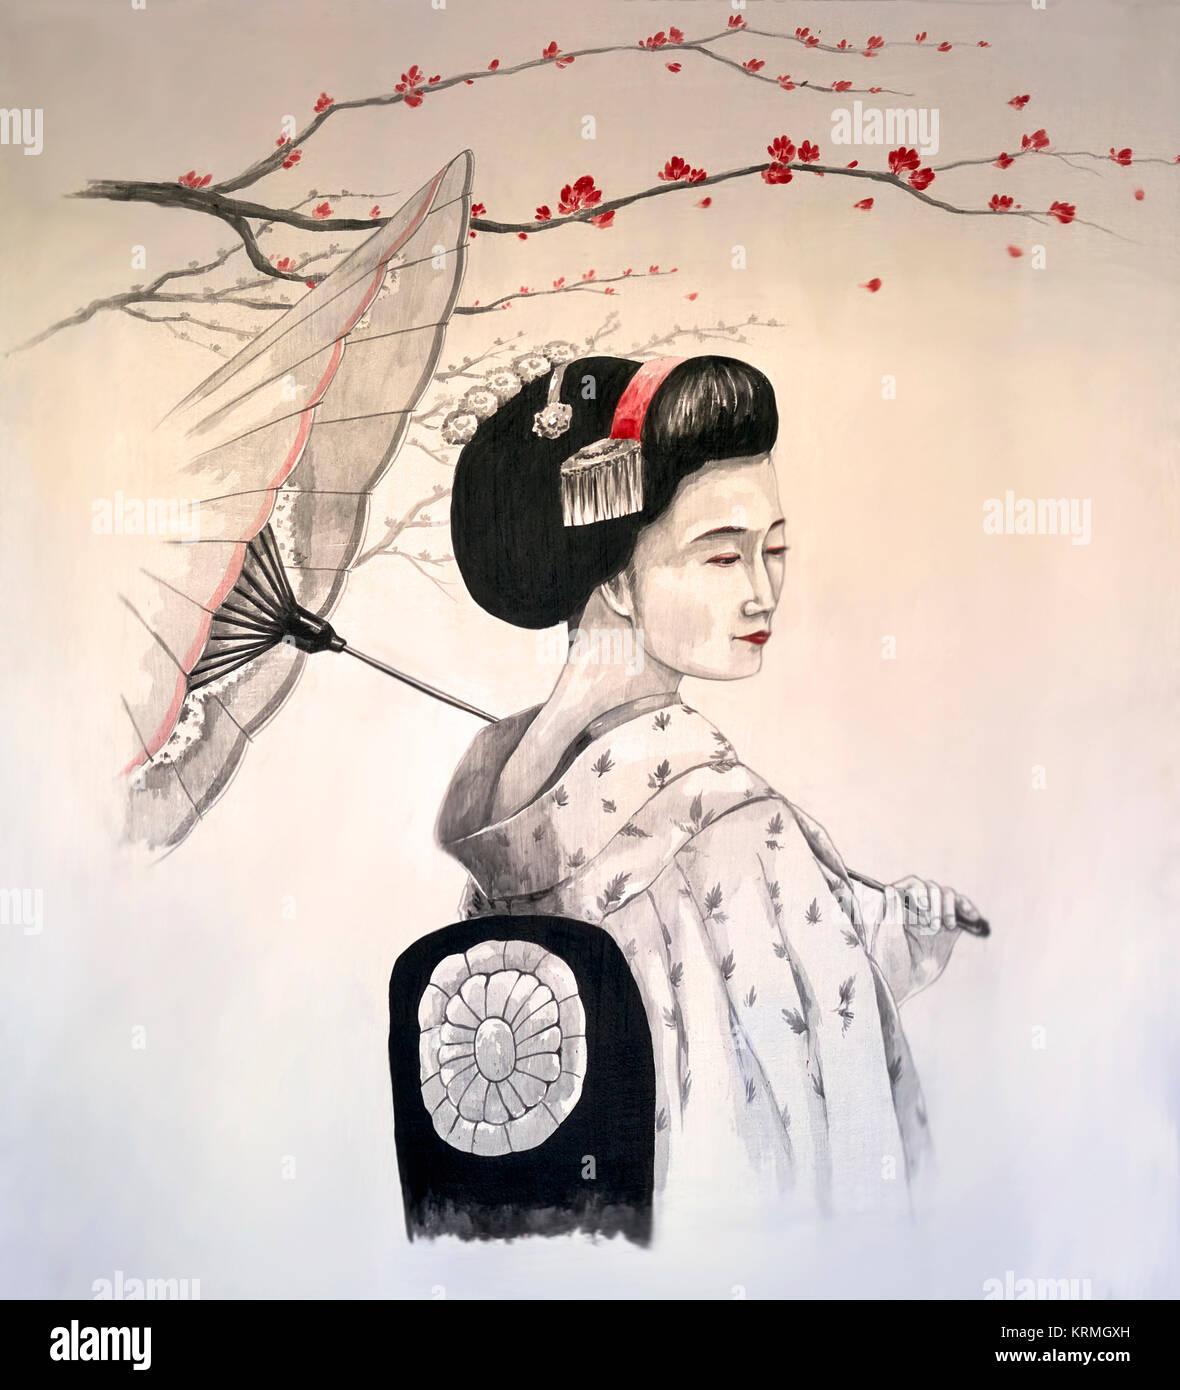 Famoso Geisha Art Immagini e Fotos Stock - Alamy RL54